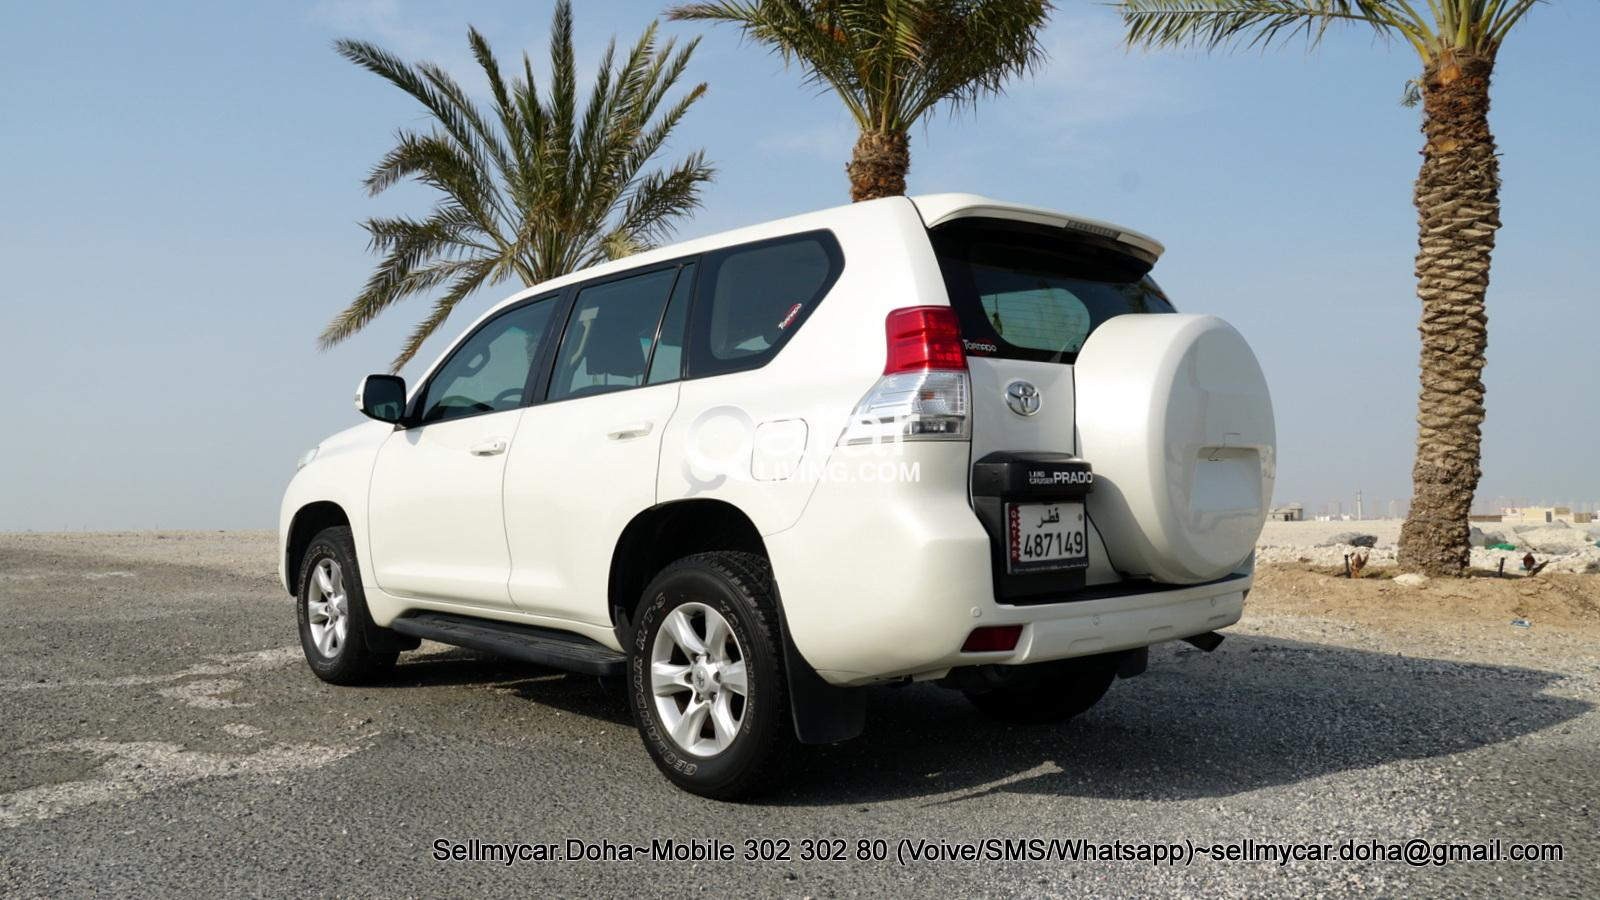 2012 TOYOTA Land Cruiser Parado TXL V6 (More Photos Available Upon Request)